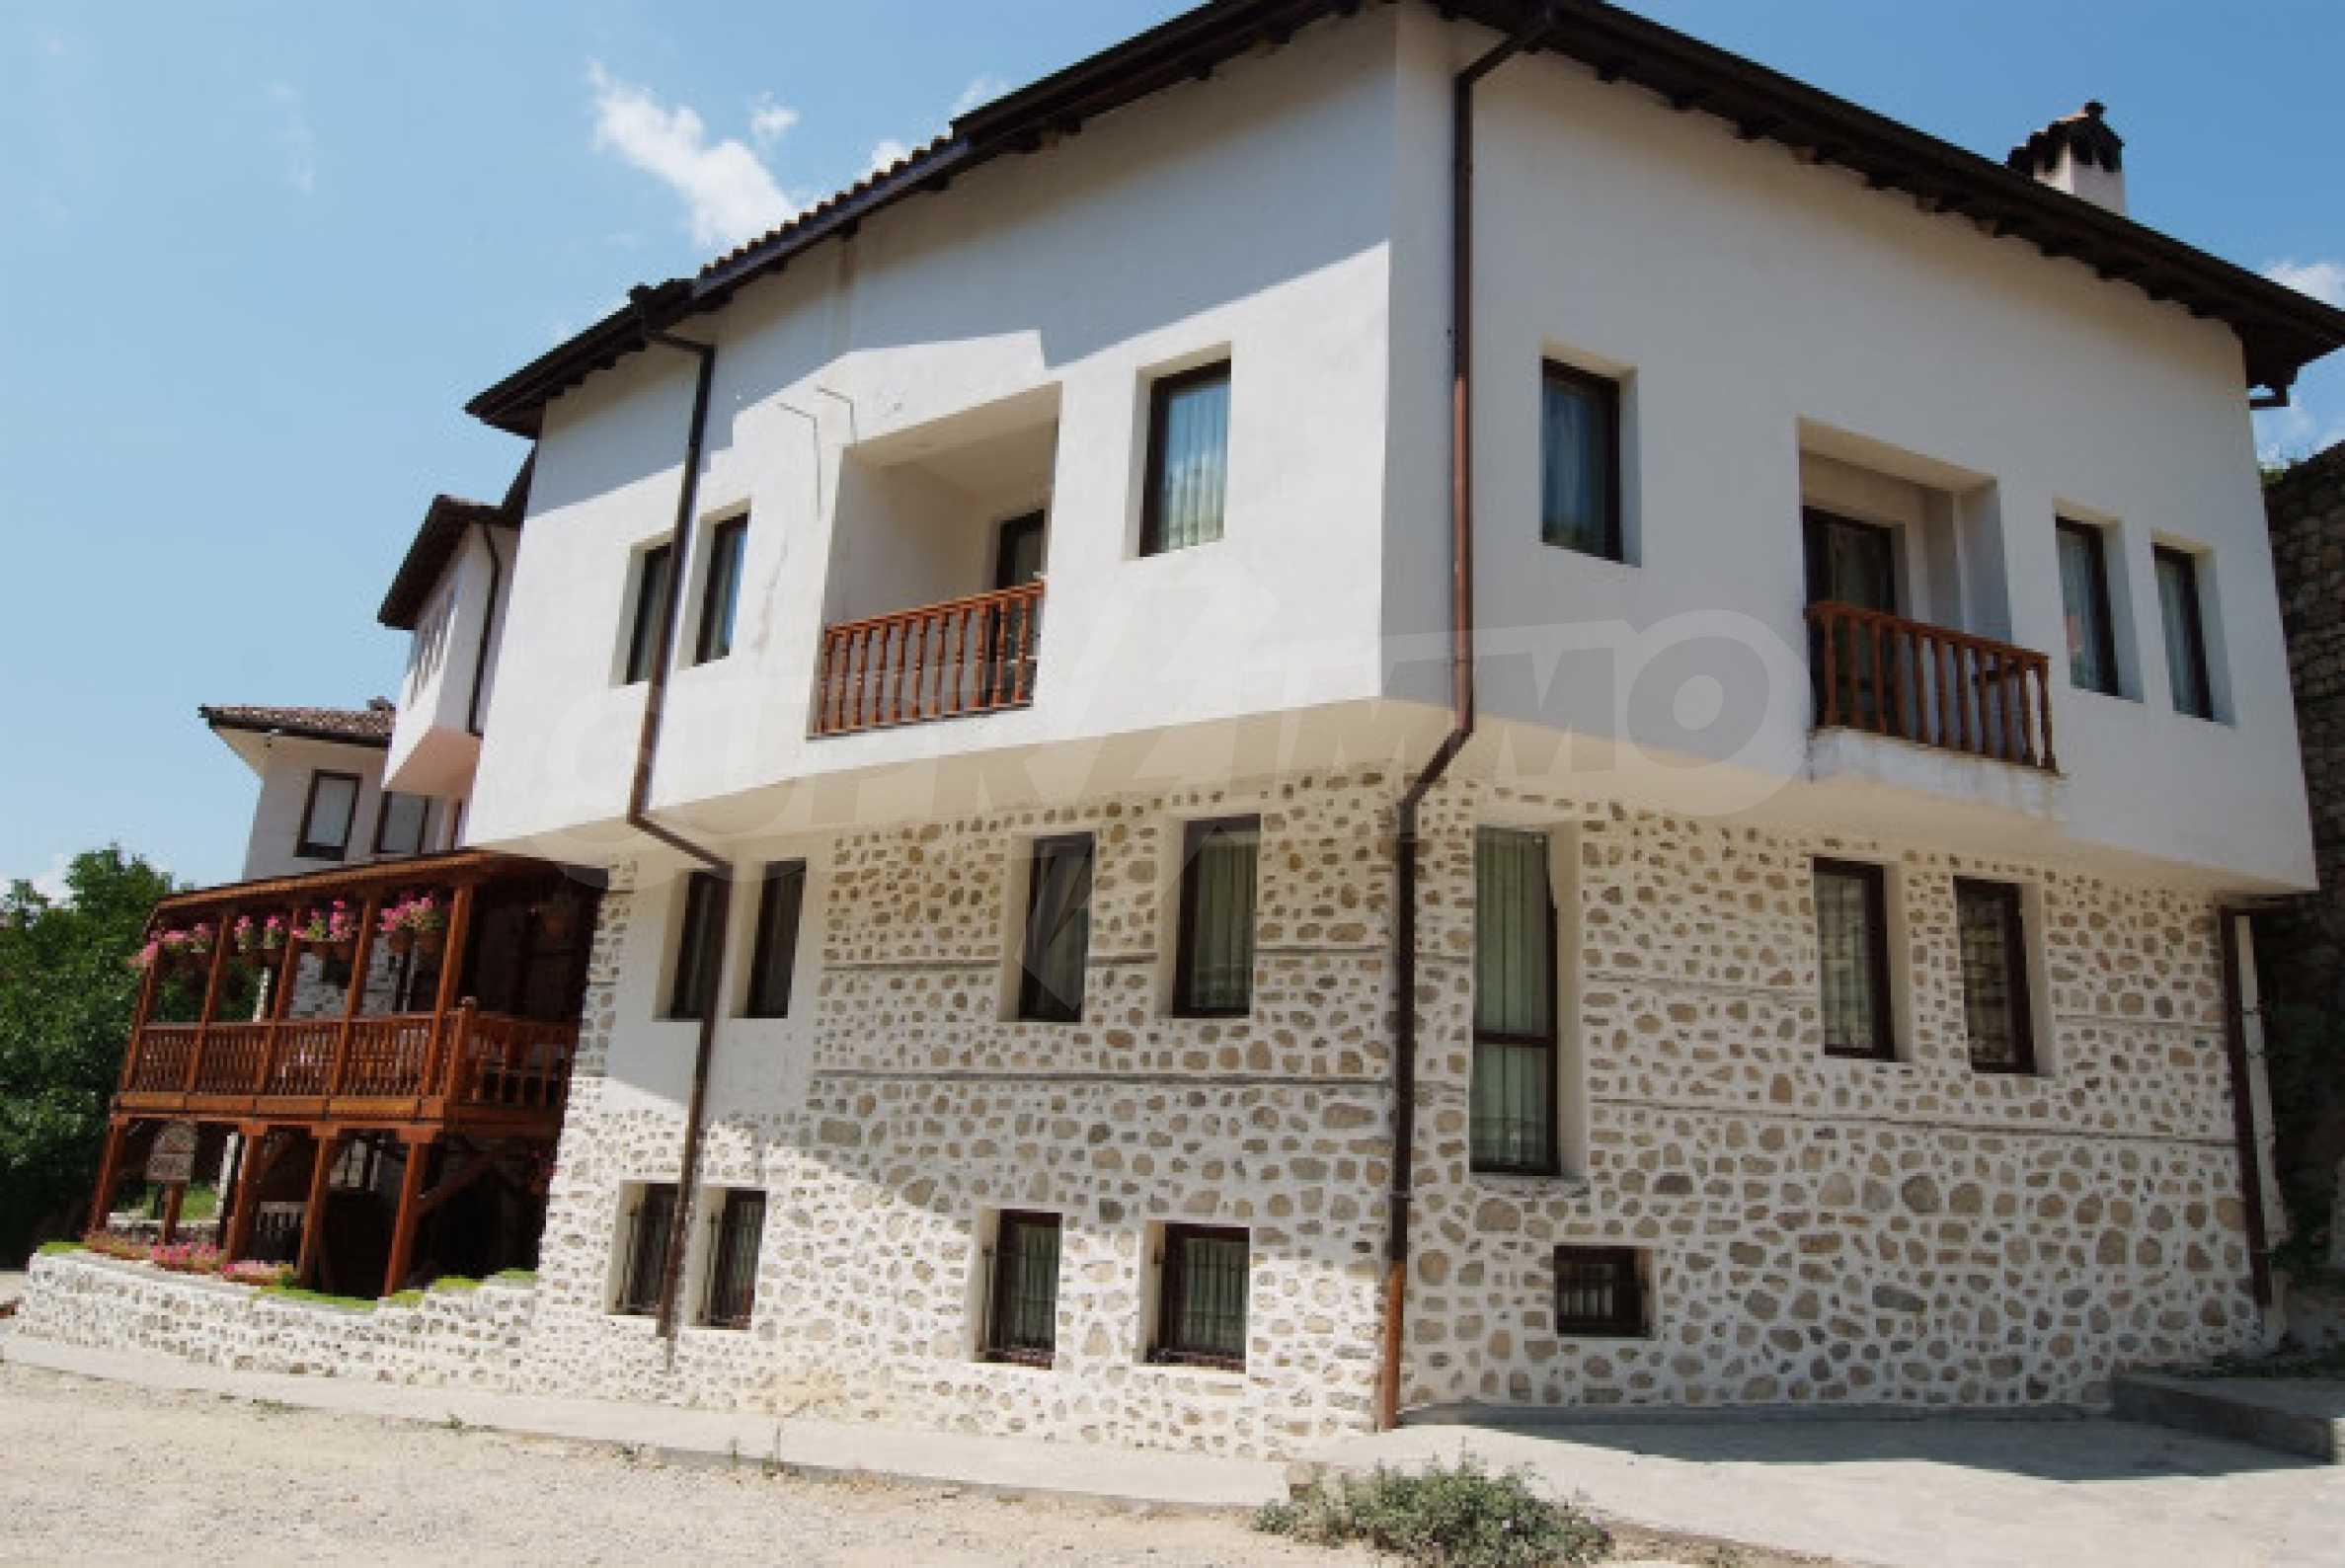 Семеен хотел в центъра на град Мелник 1